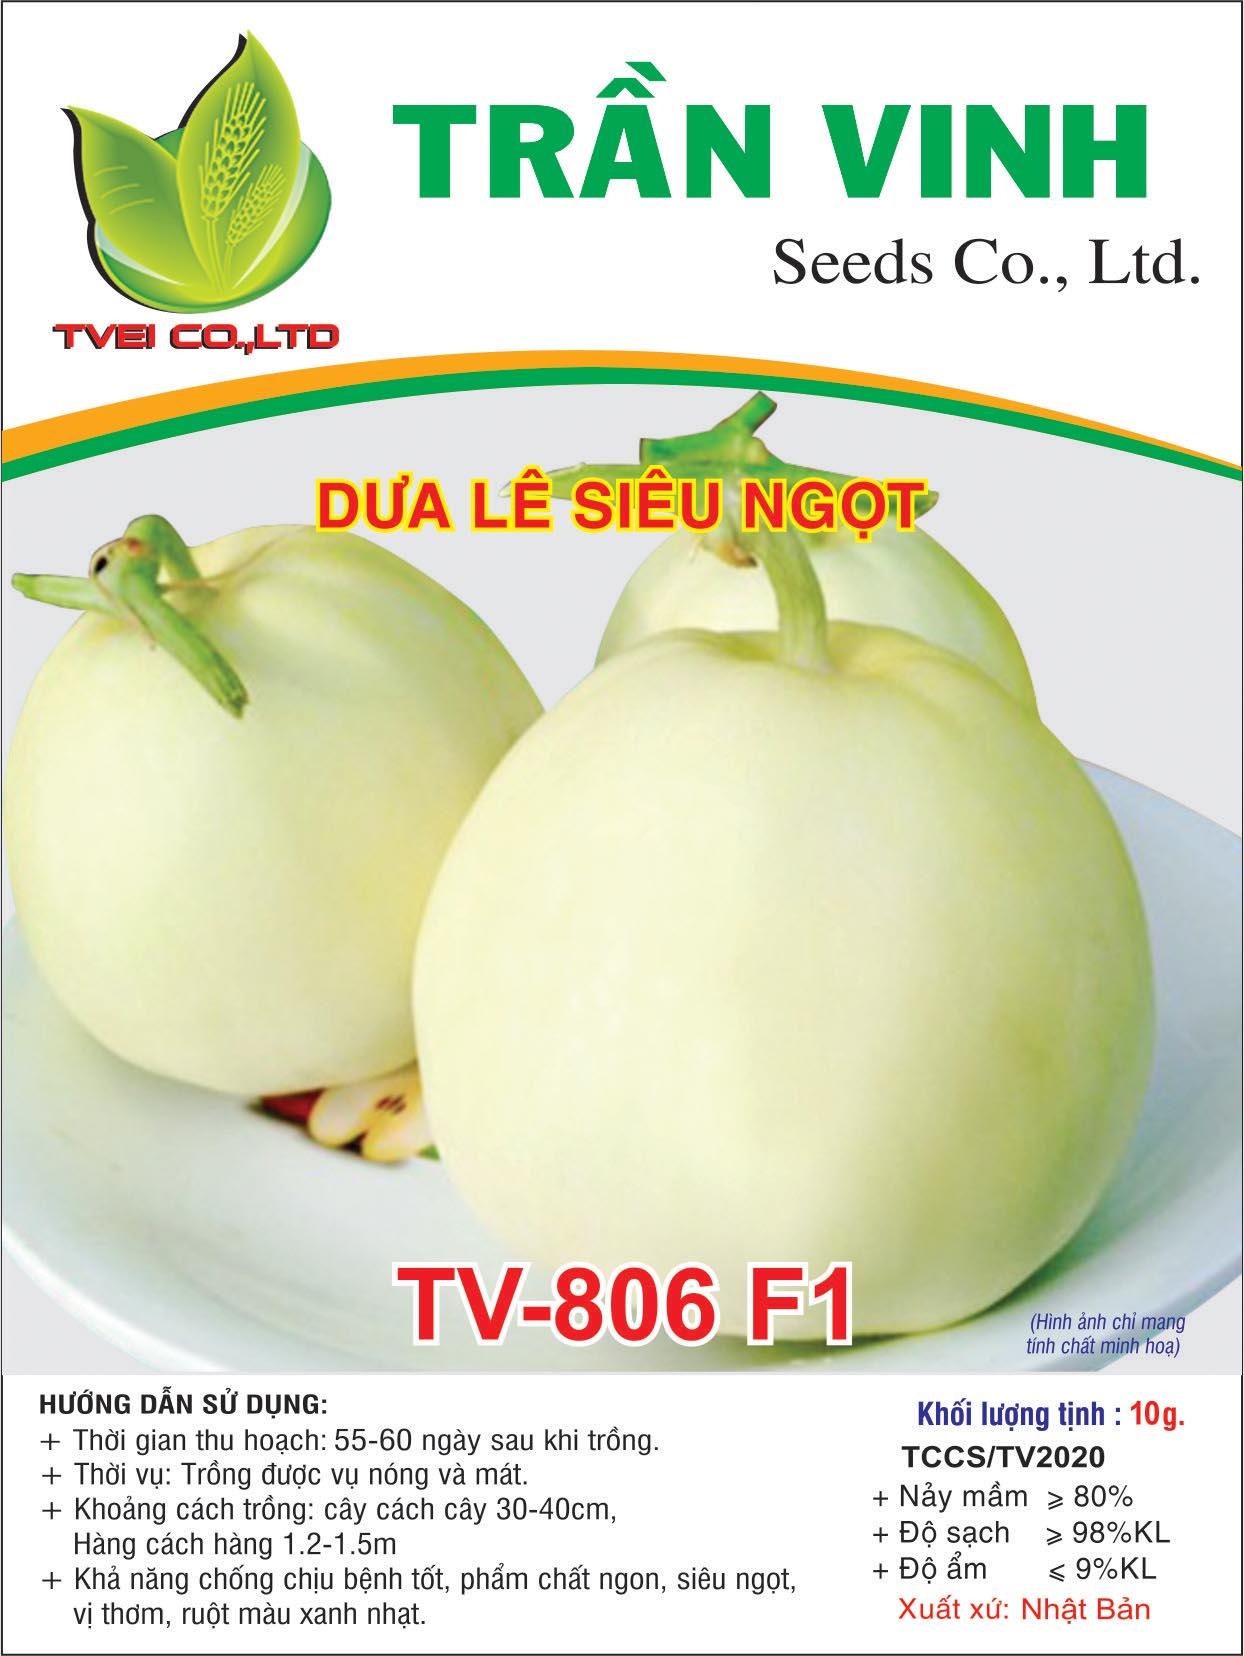 Dưa Lê siêu ngọt - TV806 F1